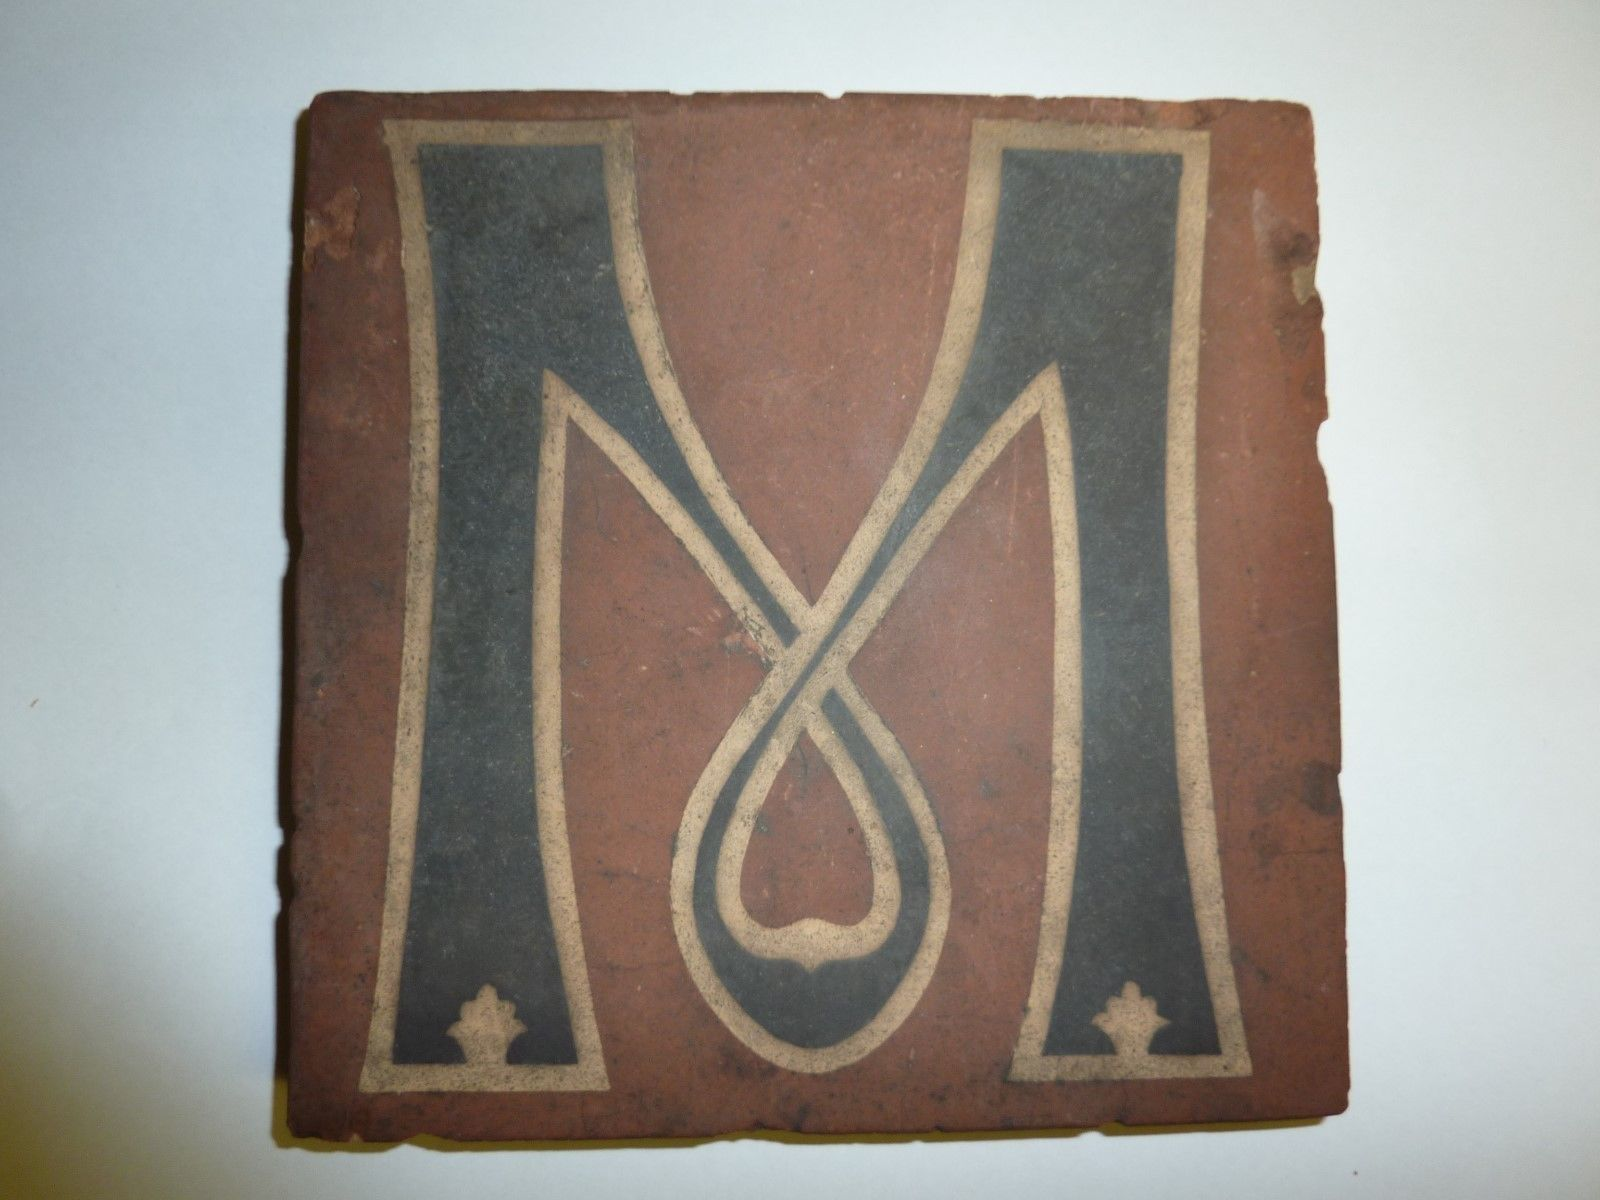 Antique terracotta ceramic floor tile ceramic floor tiles and antique terracotta ceramic floor tile dailygadgetfo Images